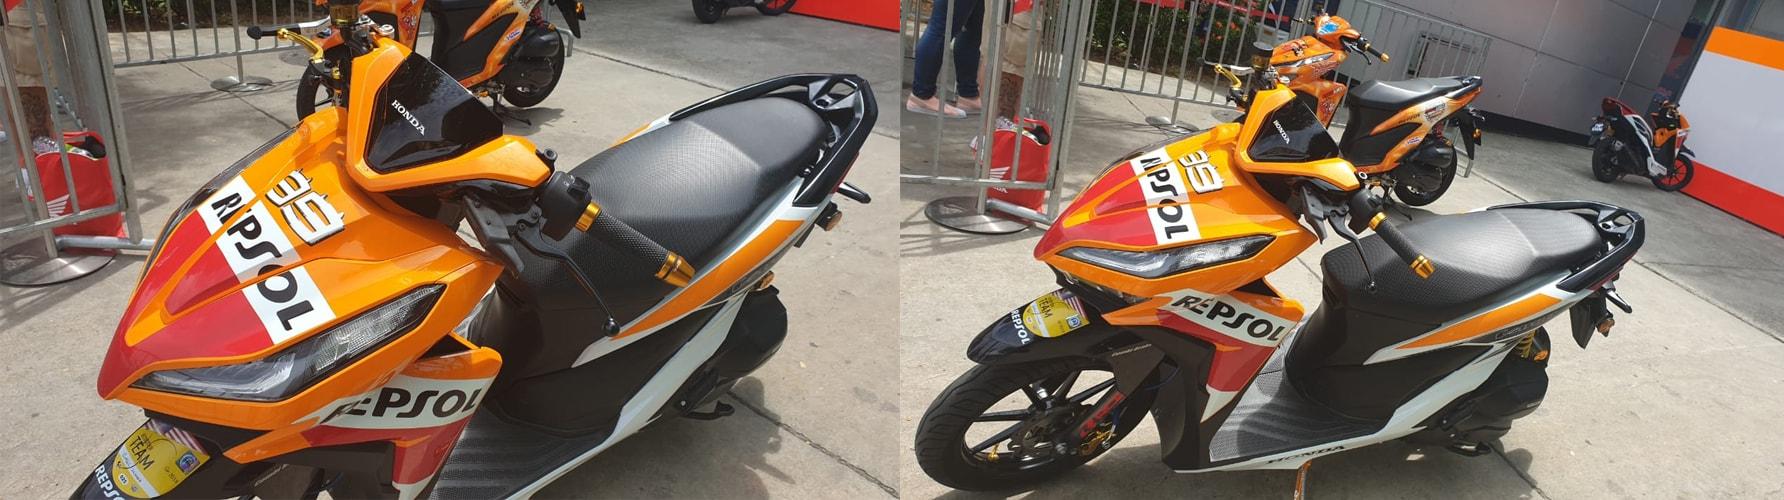 Repsol MotoGP